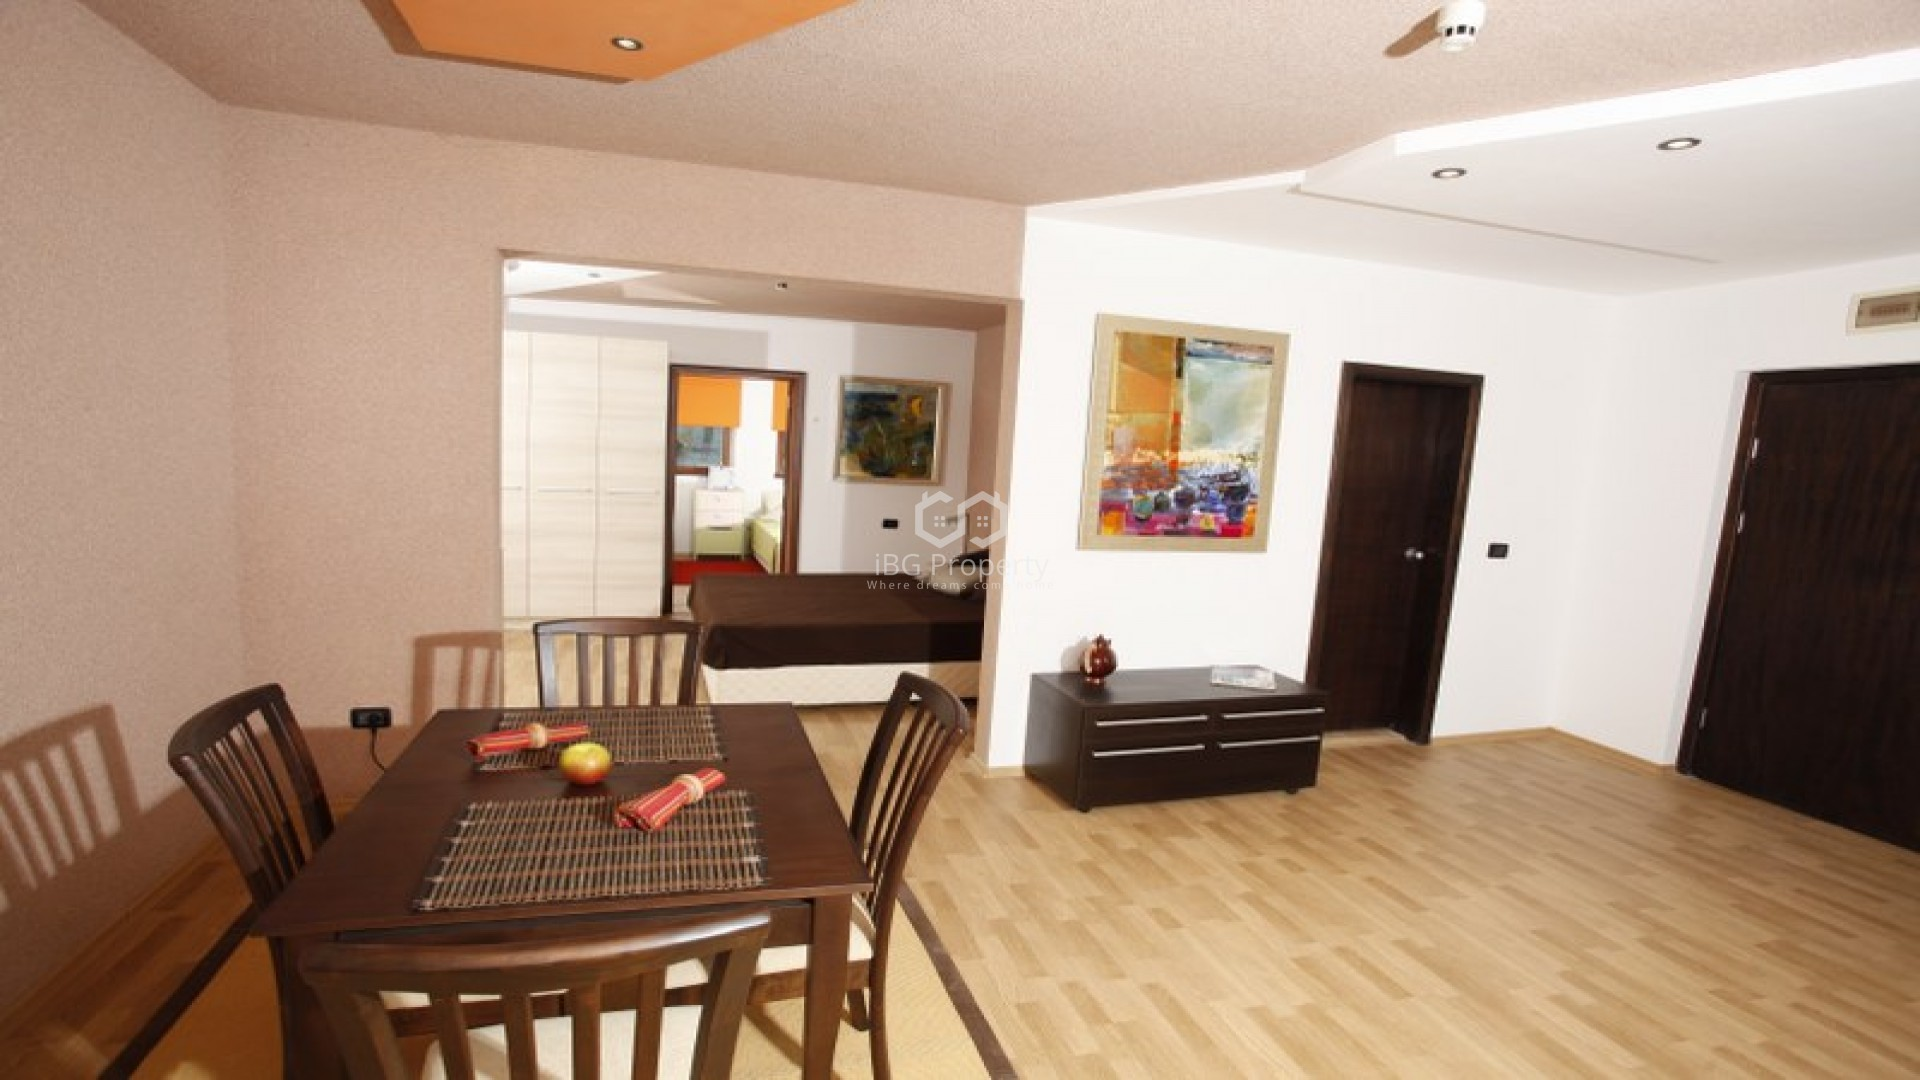 EXKLUSIVES ANGEBOT! Dreizimmerwohnung in Bjala 97 m2